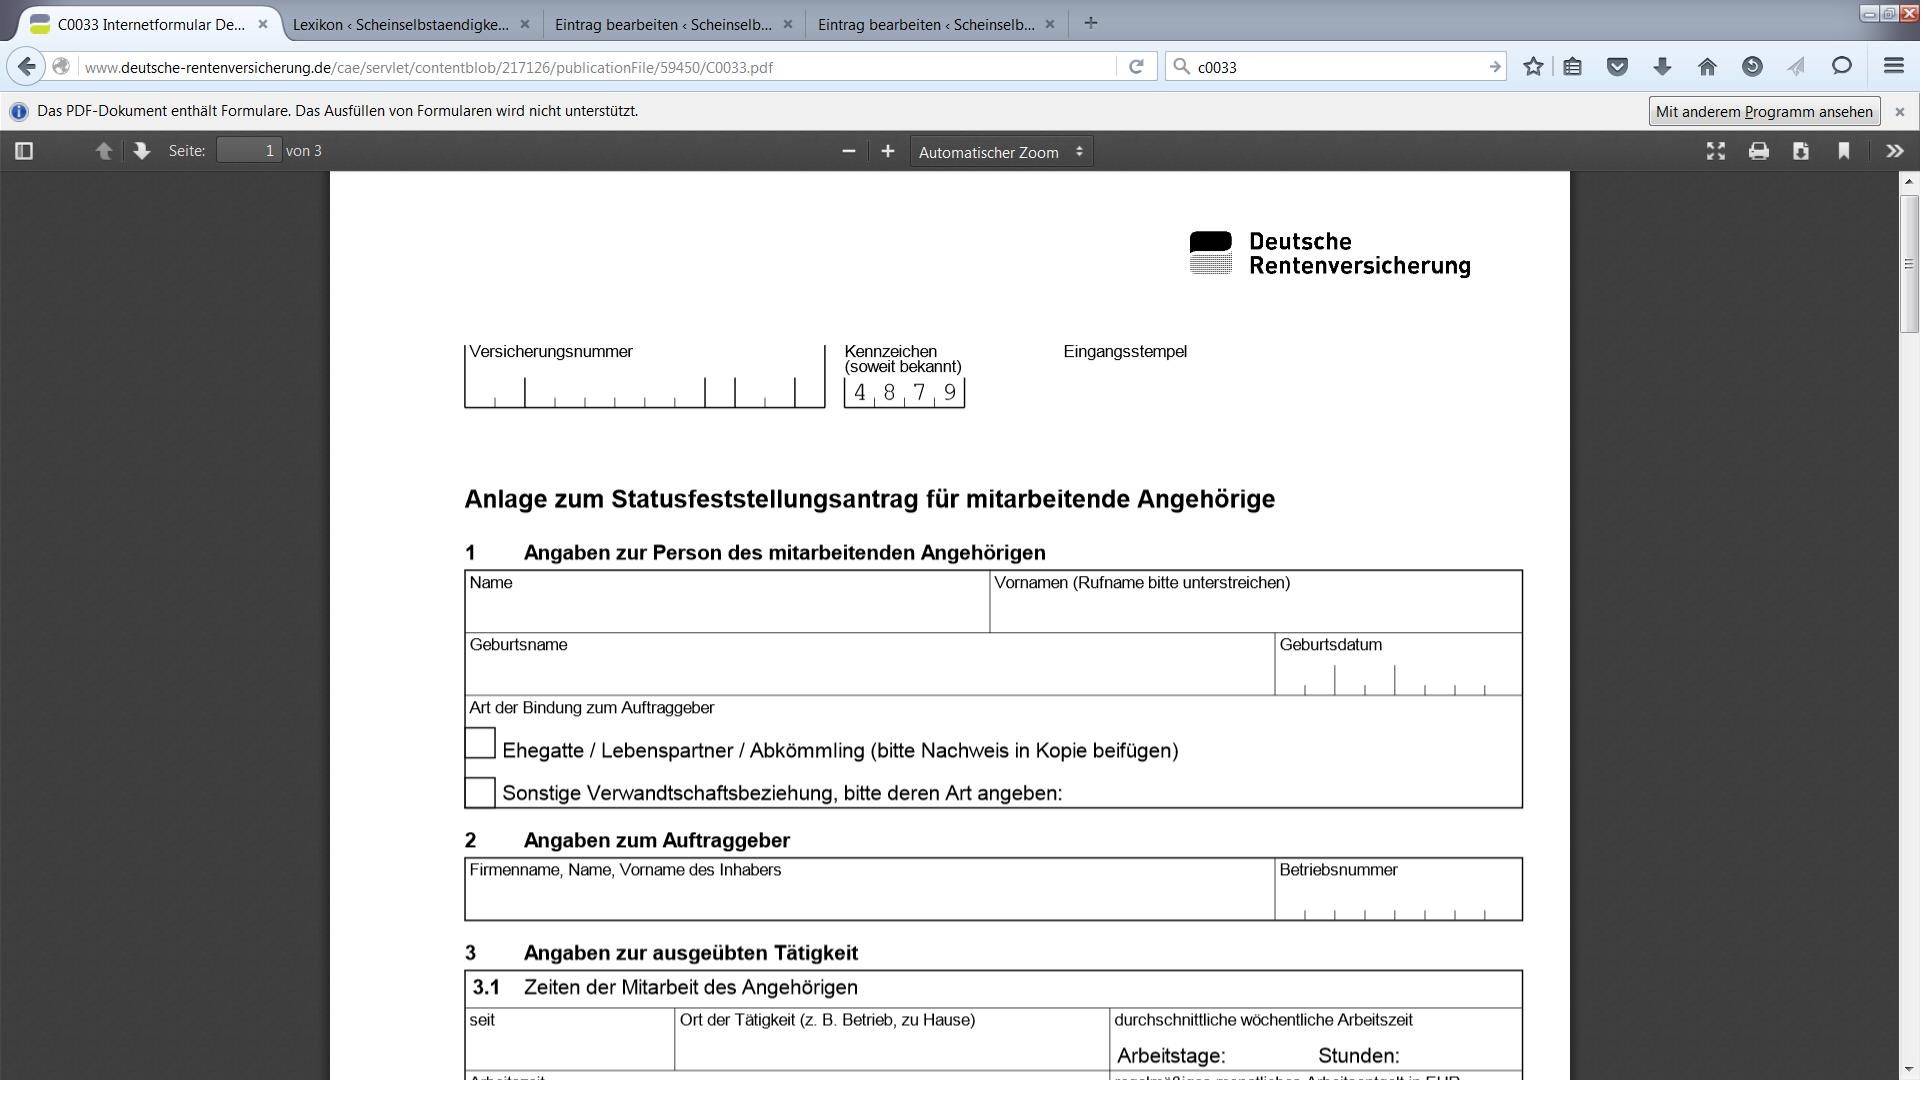 DRV Formular C0033 • Scheinselbstaendigkeit.de